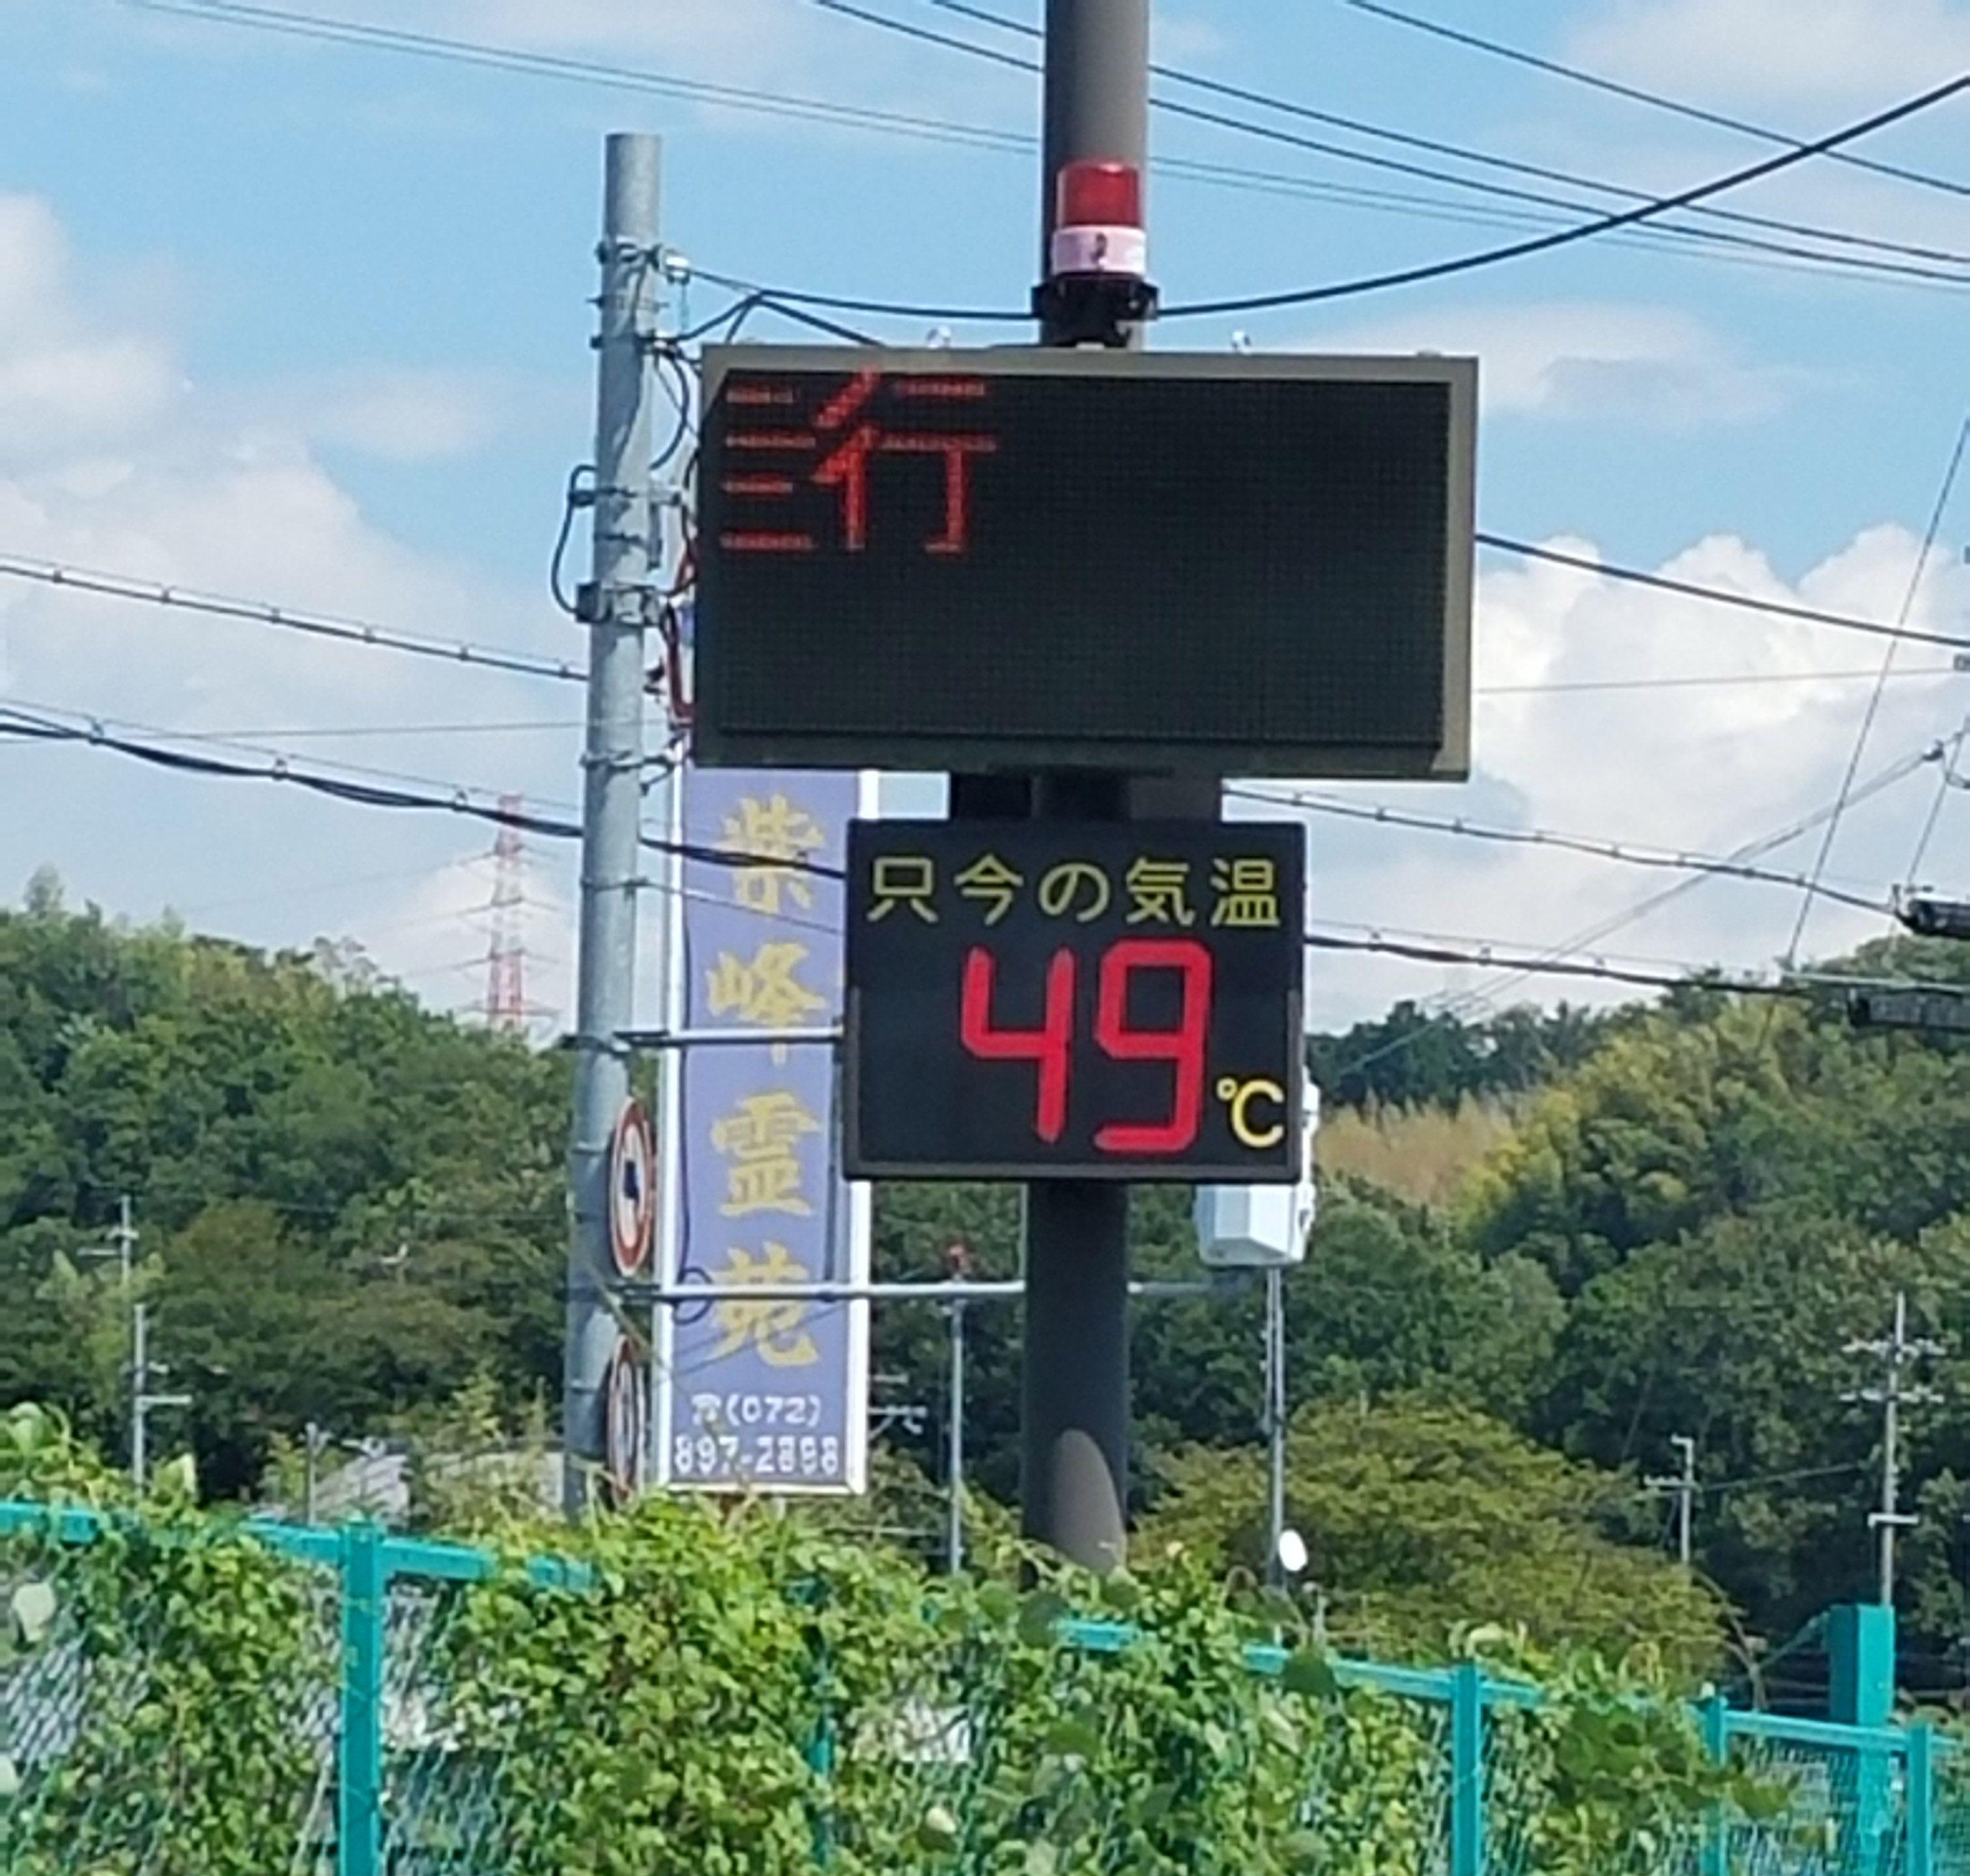 交差点の気温計